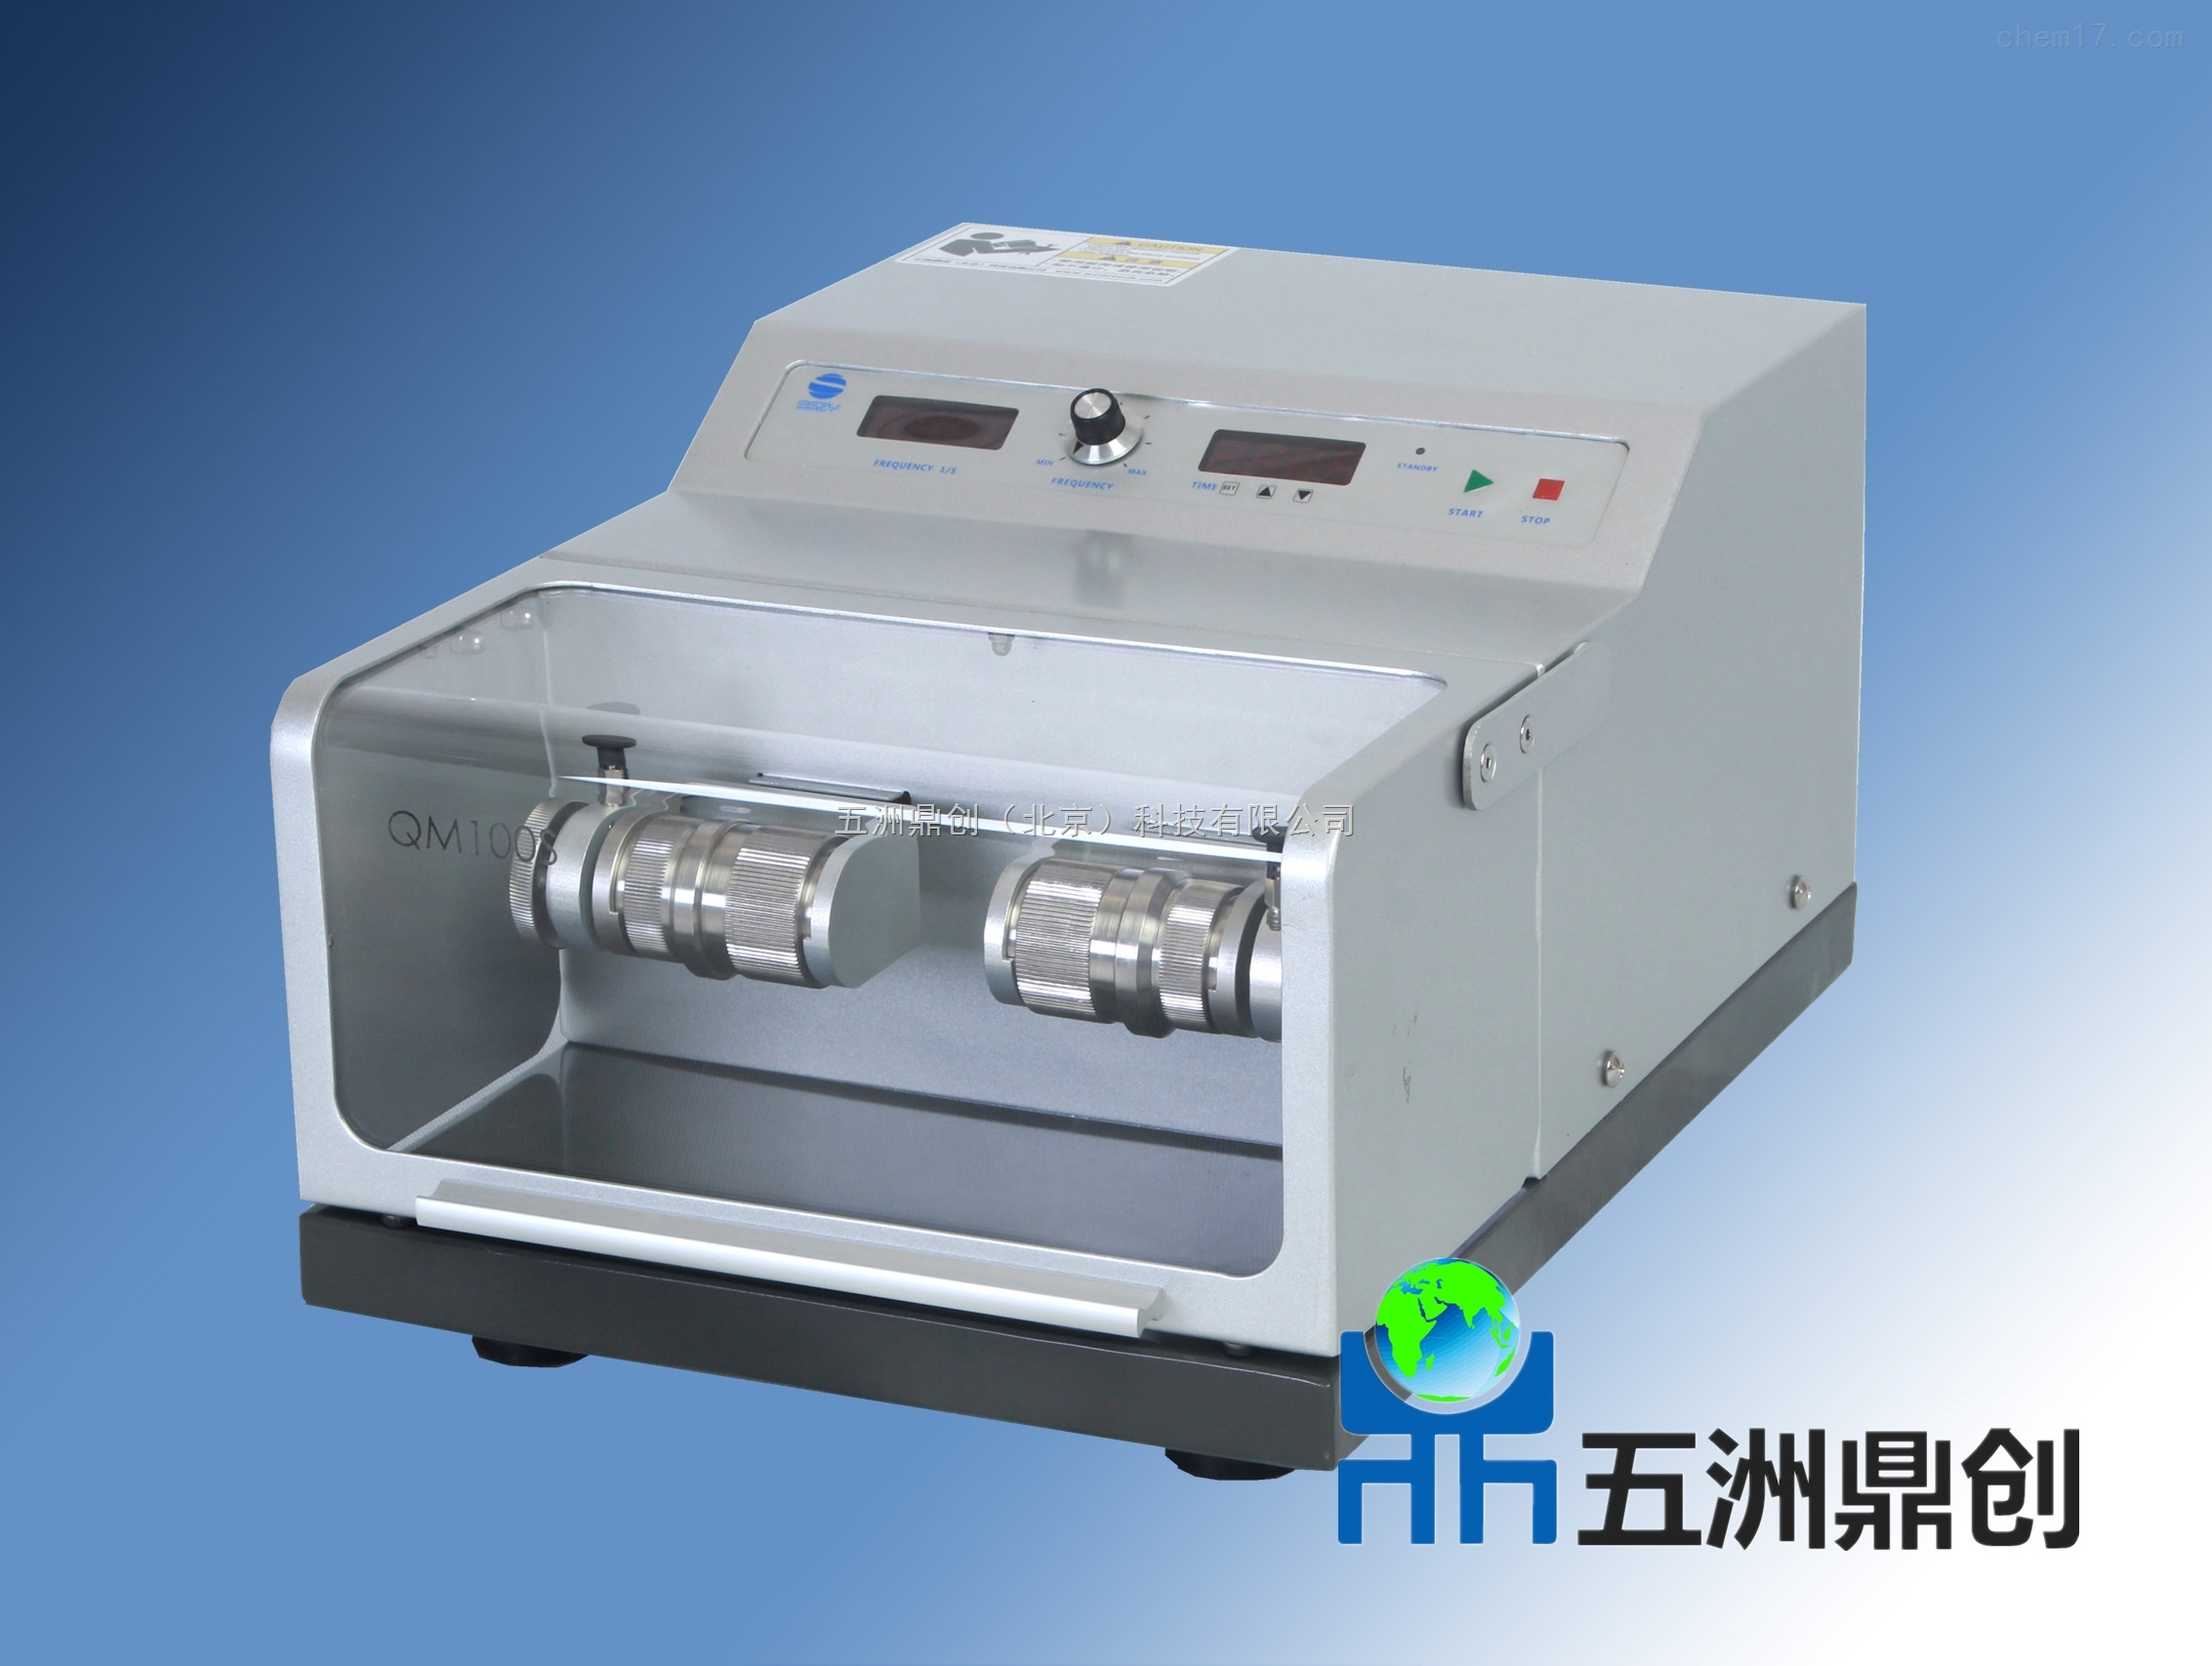 QM100S北京厂家 球磨仪 多功能冷冻混合震荡研磨仪